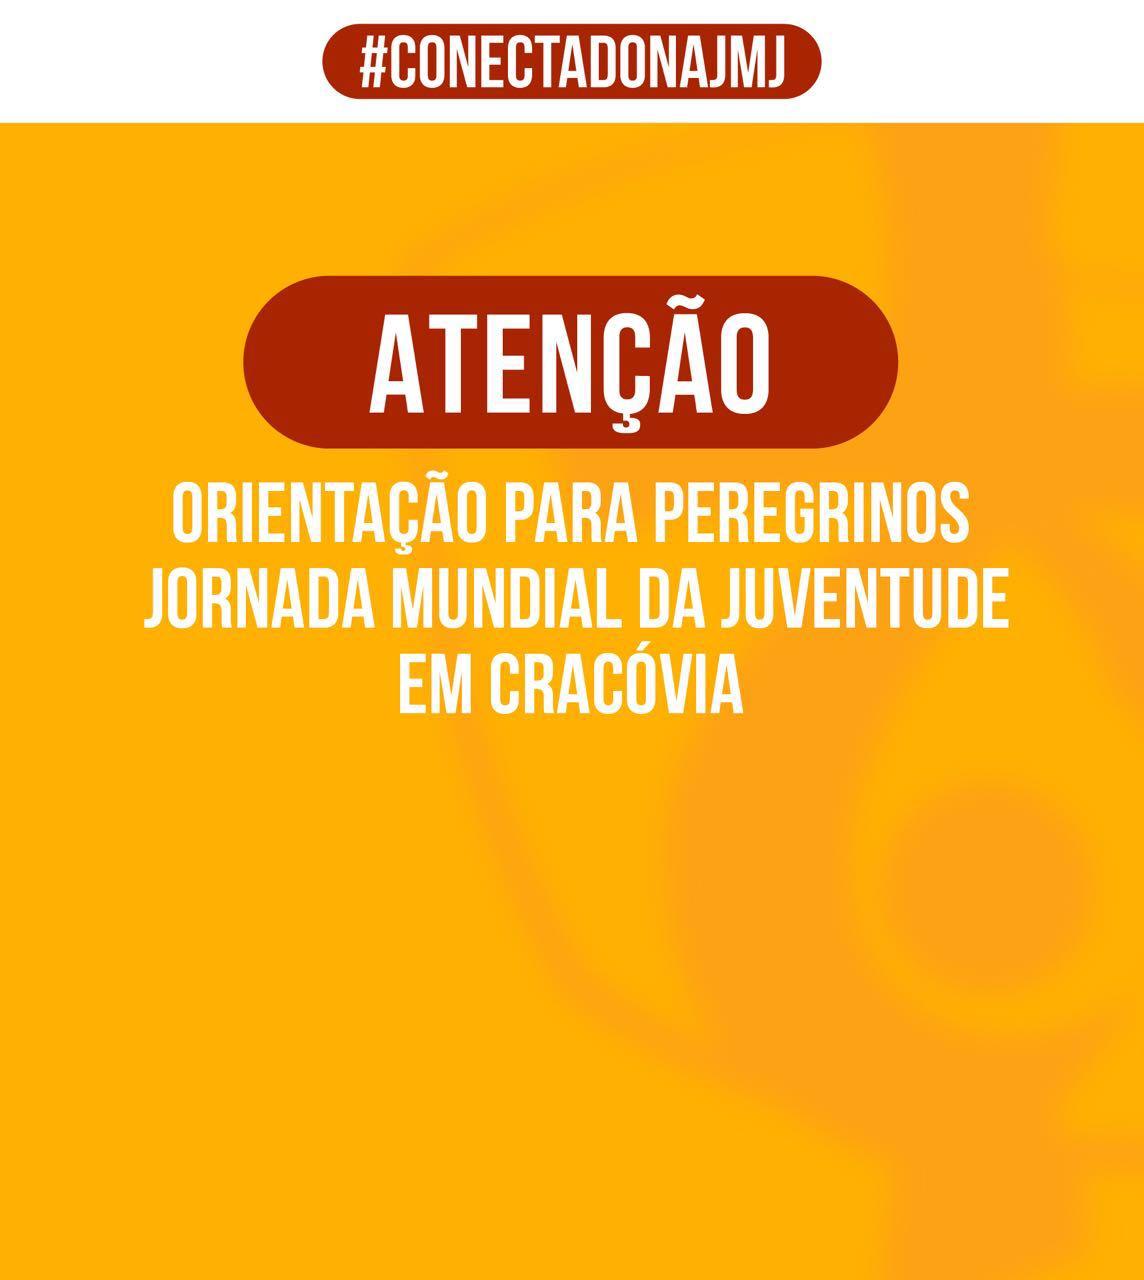 Aviso sobre a JMJ: Brasil terá consulado itinerante em Cracóvia